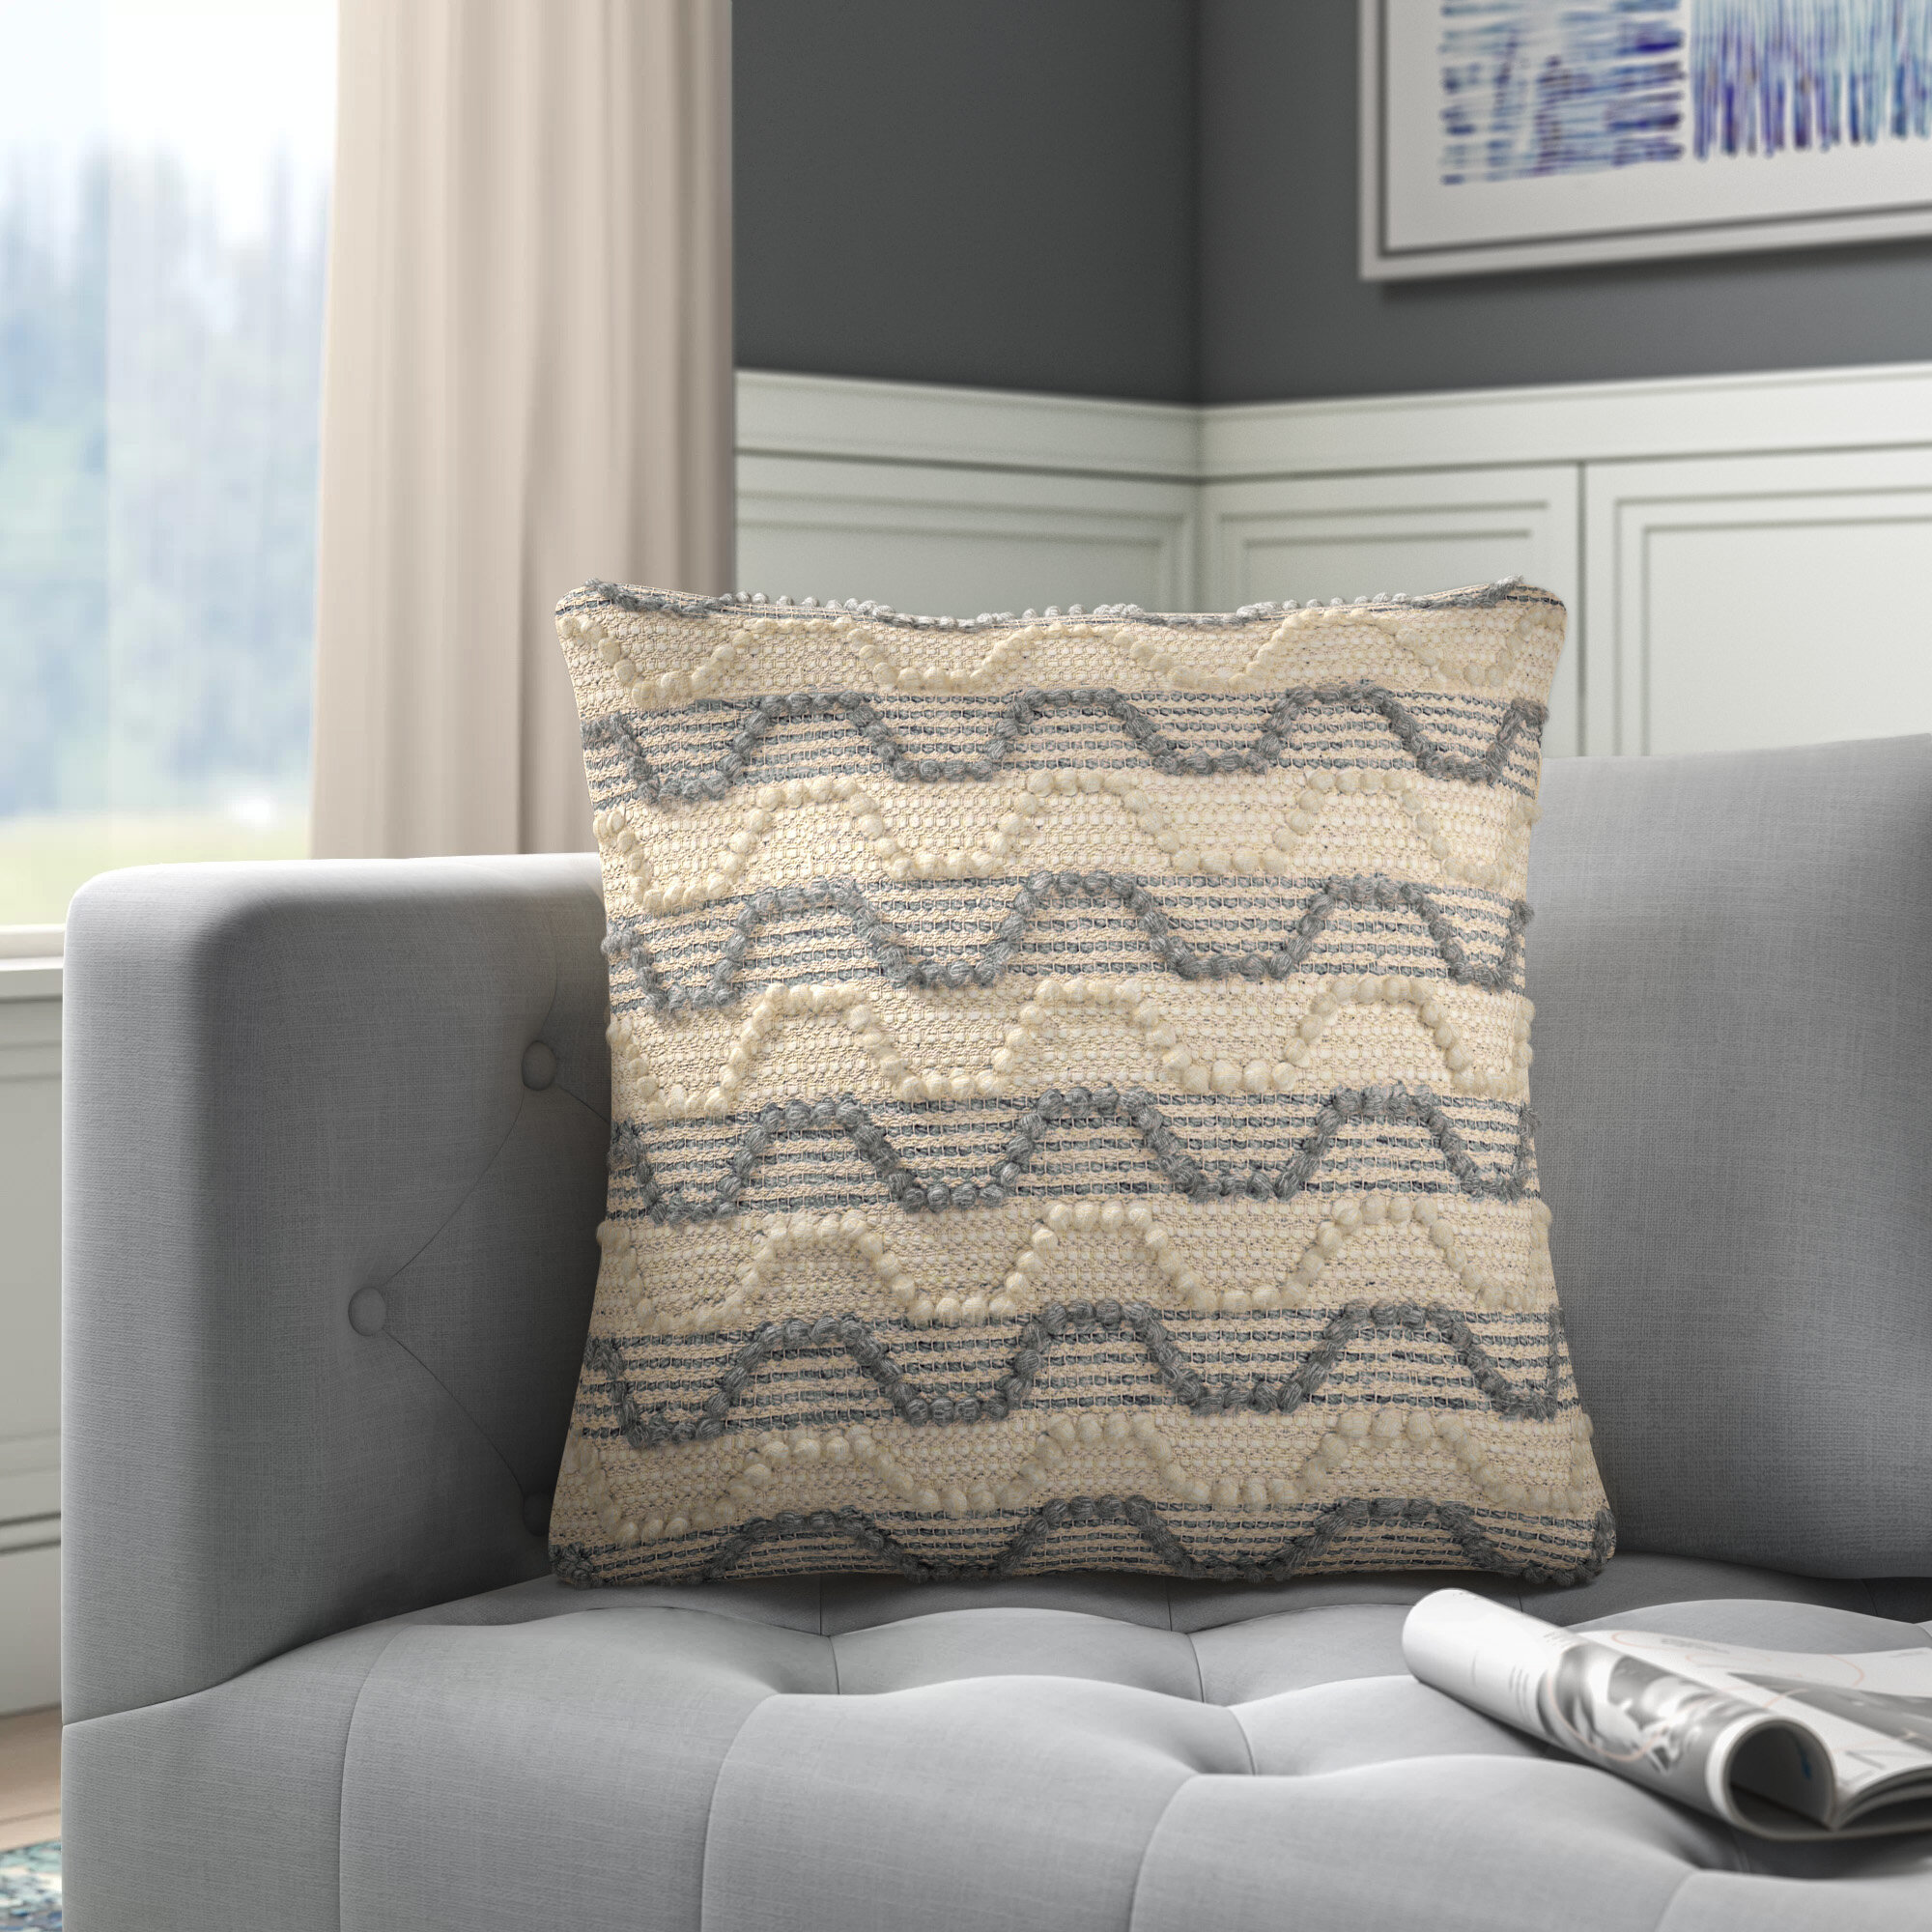 Joss Main Ellijay Square Pillow Cover Insert Reviews Wayfair